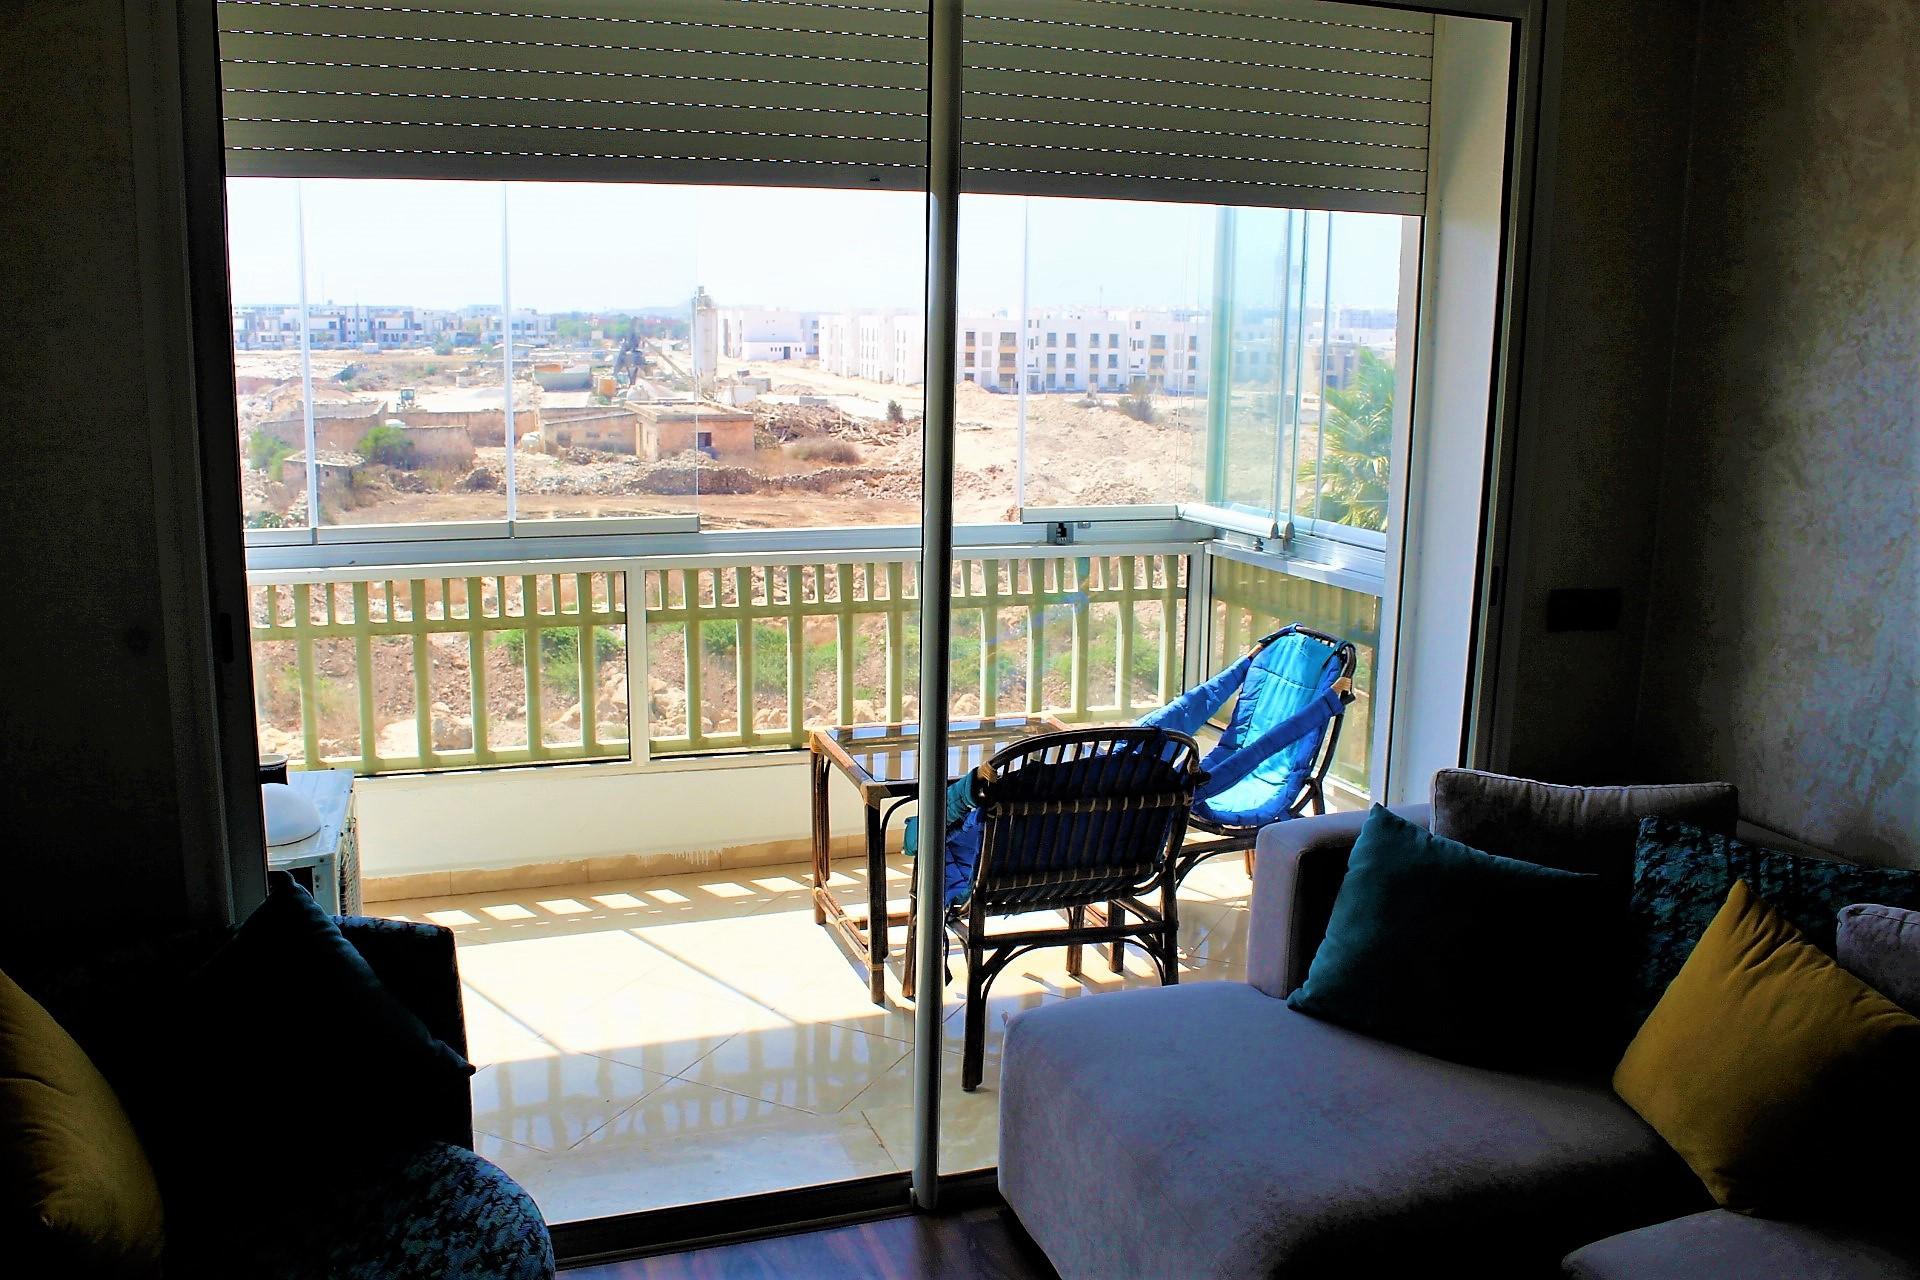 A louer Appartement Meublé 3 pièces – 82 m² – Dar Bouazza.  Ce logement neuf décoré avec gout et parfaitement équipé et aménagé.